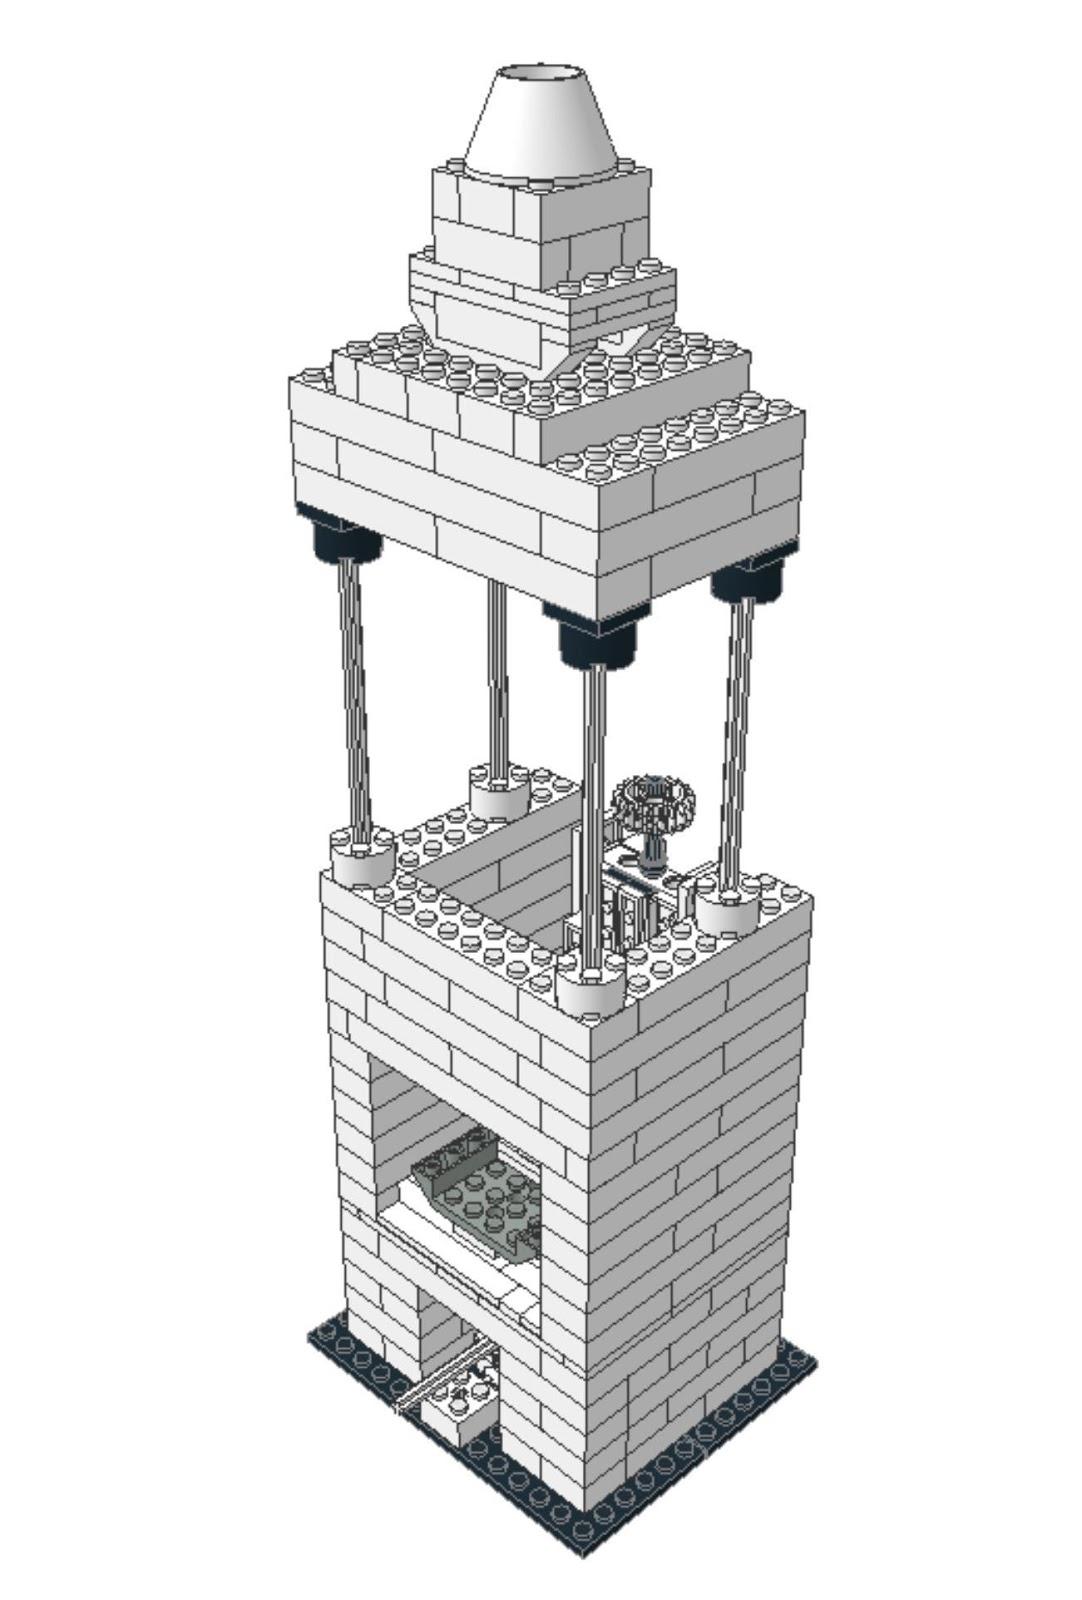 [Перевод] Собственный микроскоп из кубиков LEGO